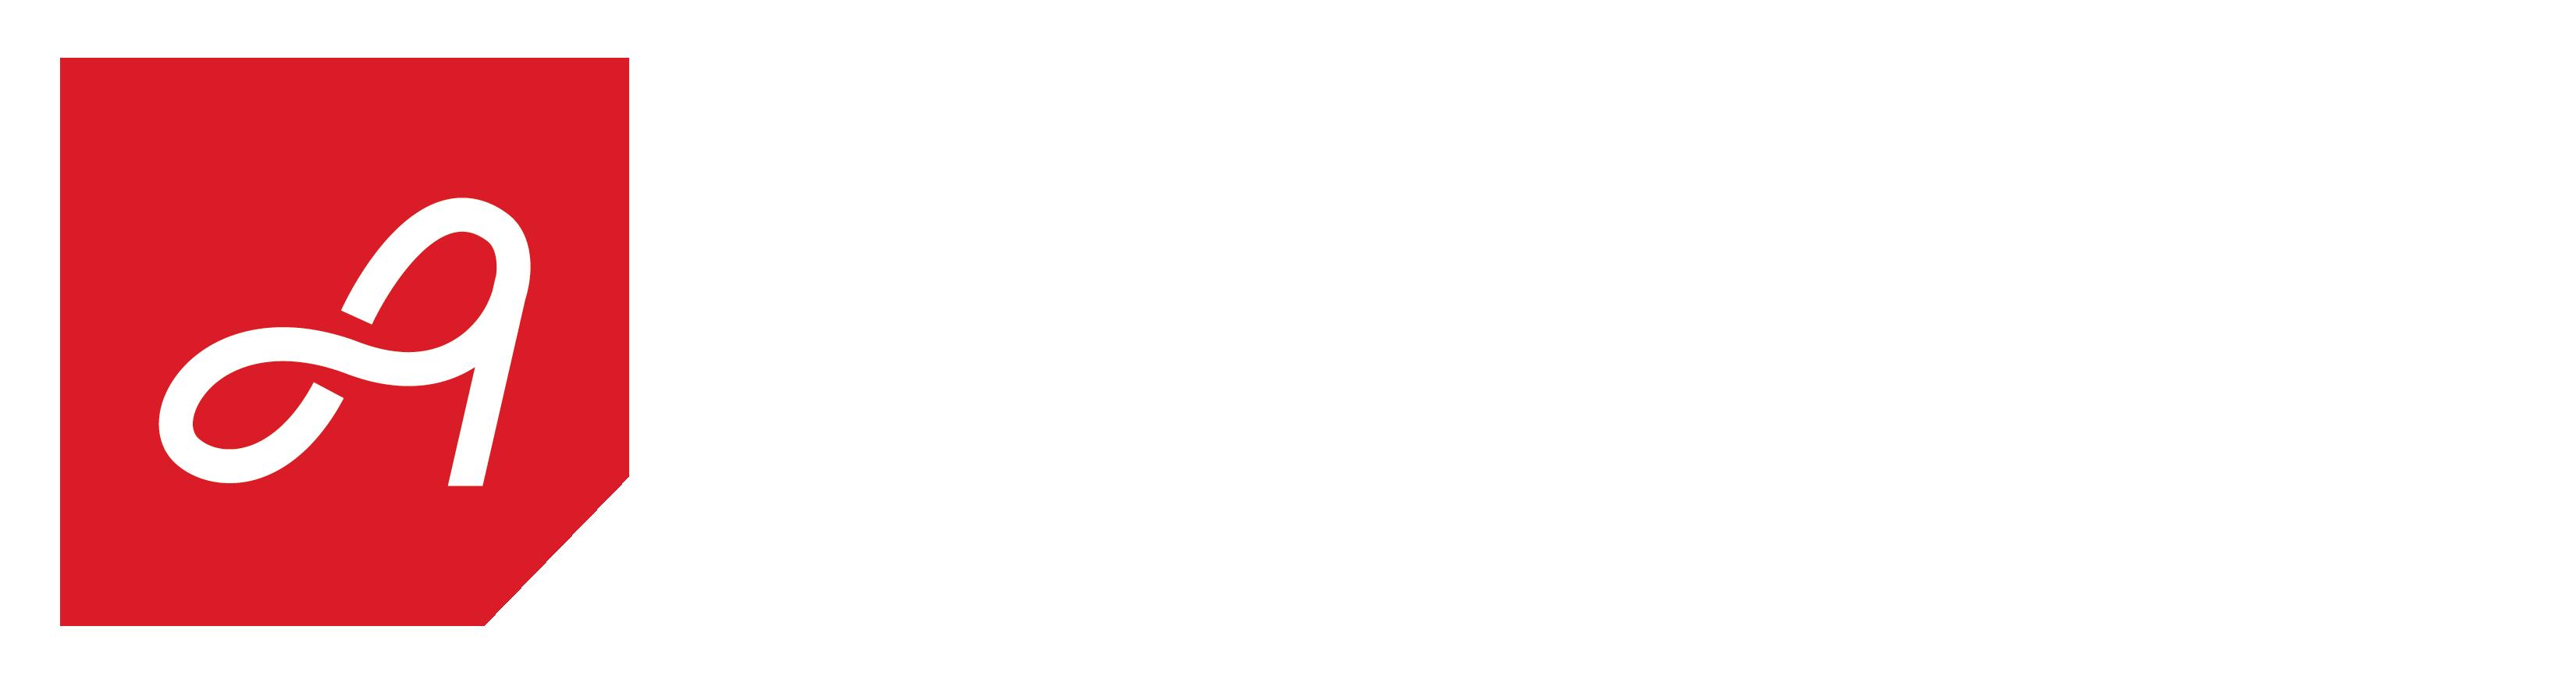 Accesorios Ilimitados, S. A.